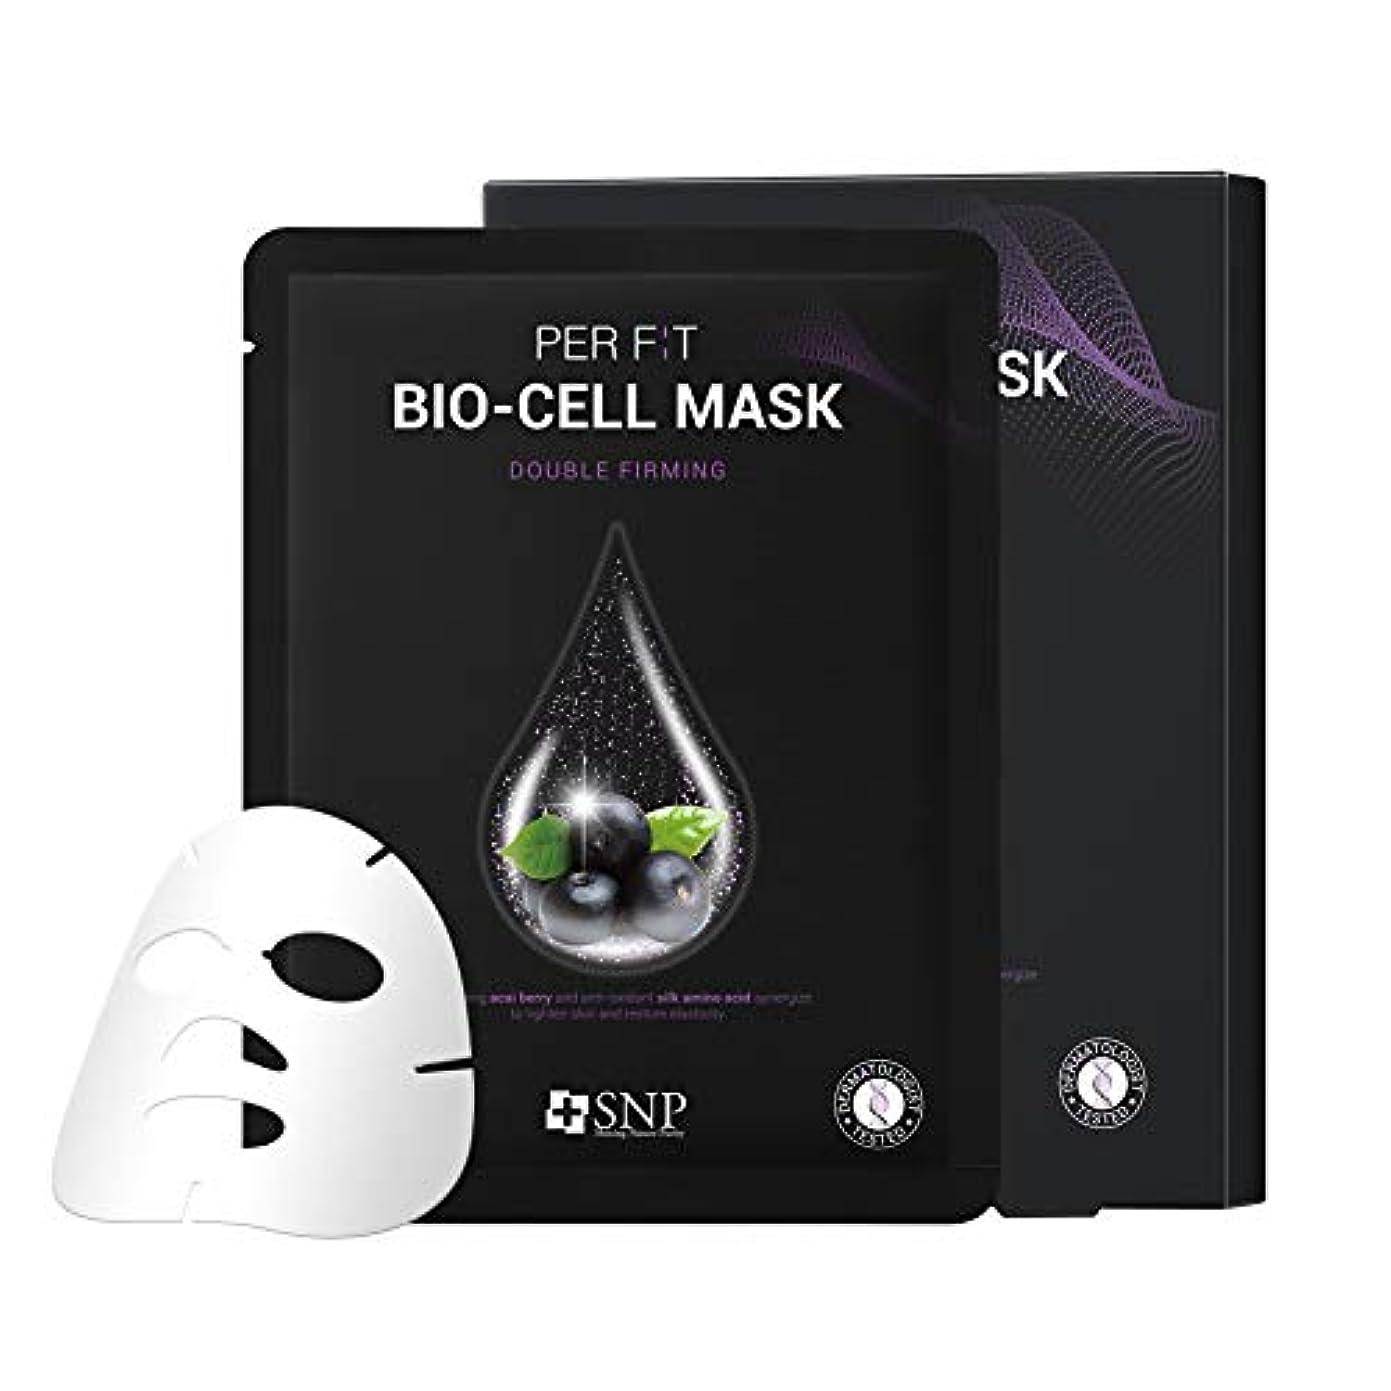 広々としたちょうつがいラケット【SNP公式】パーフィット バイオセルマスク ダブルファーミング 5枚セット / PER F:T BIO-CELL MASK DOUBLE FIRMING 韓国パック 韓国コスメ パック マスクパック シートマスク